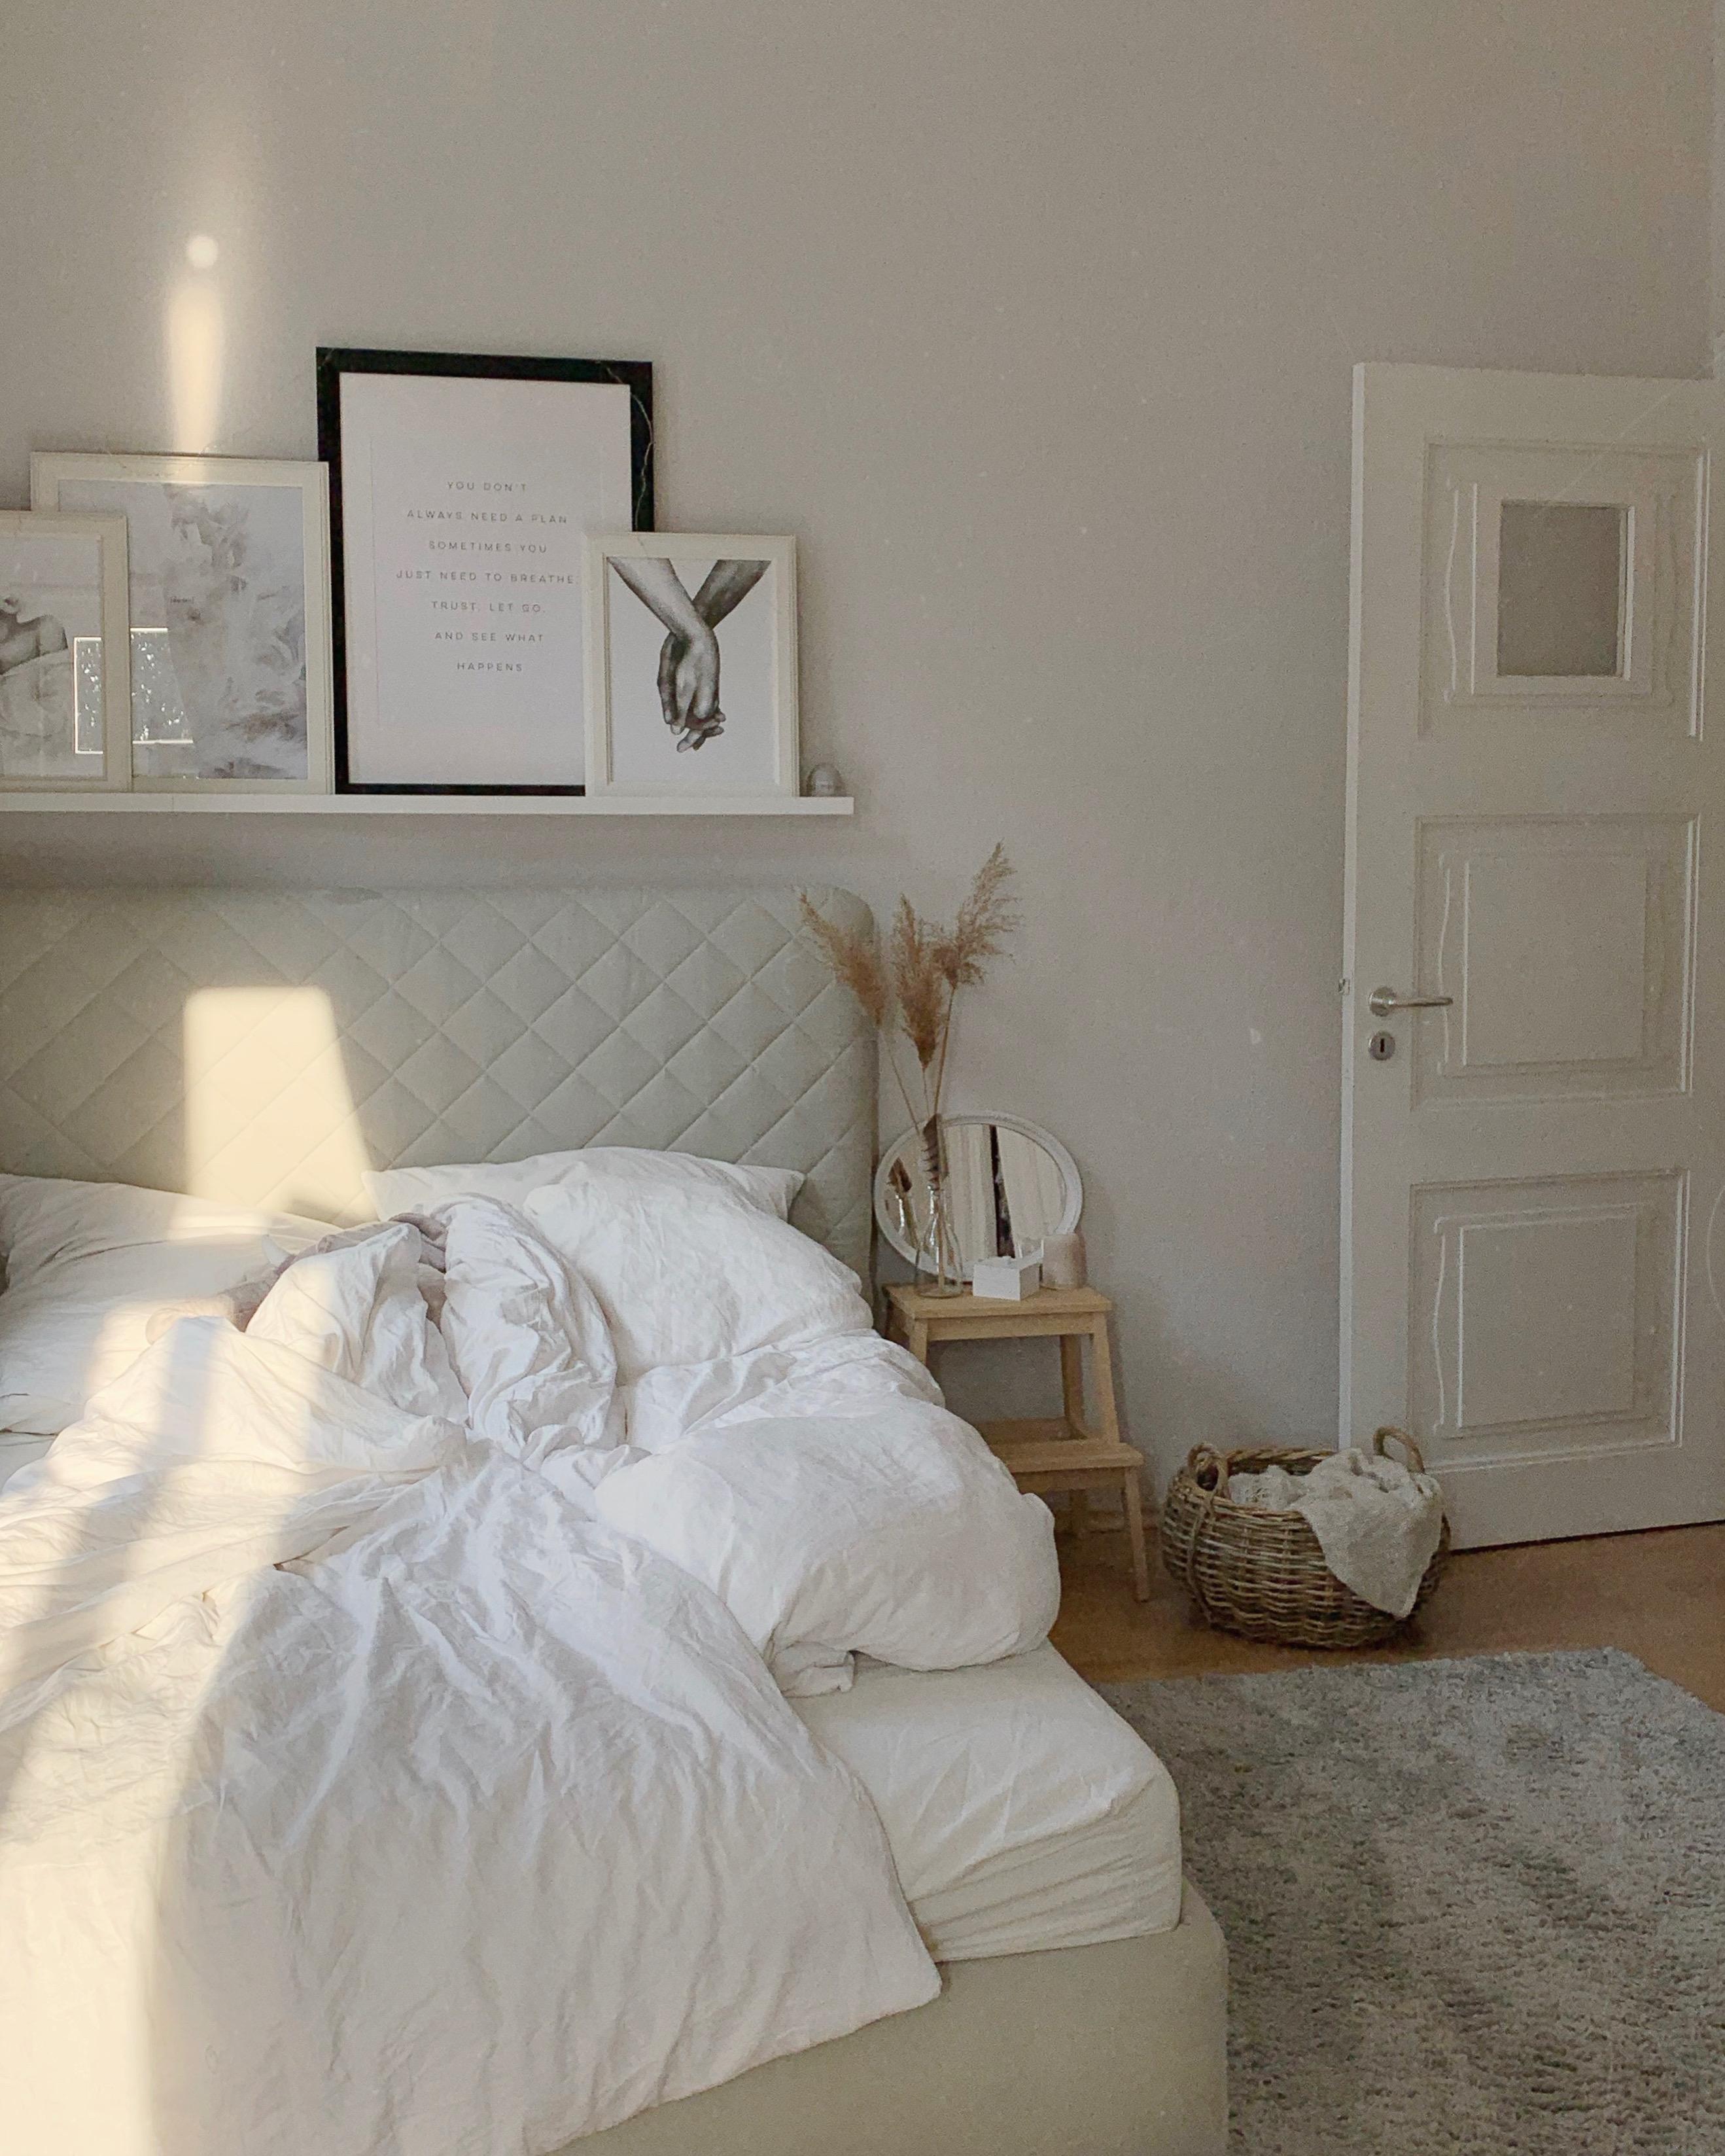 Schlafzimmer - - Homestory: Vanessas Schwäche für Altbau - Mehr Inspirationen und Wohnideen findest du bei desmondo